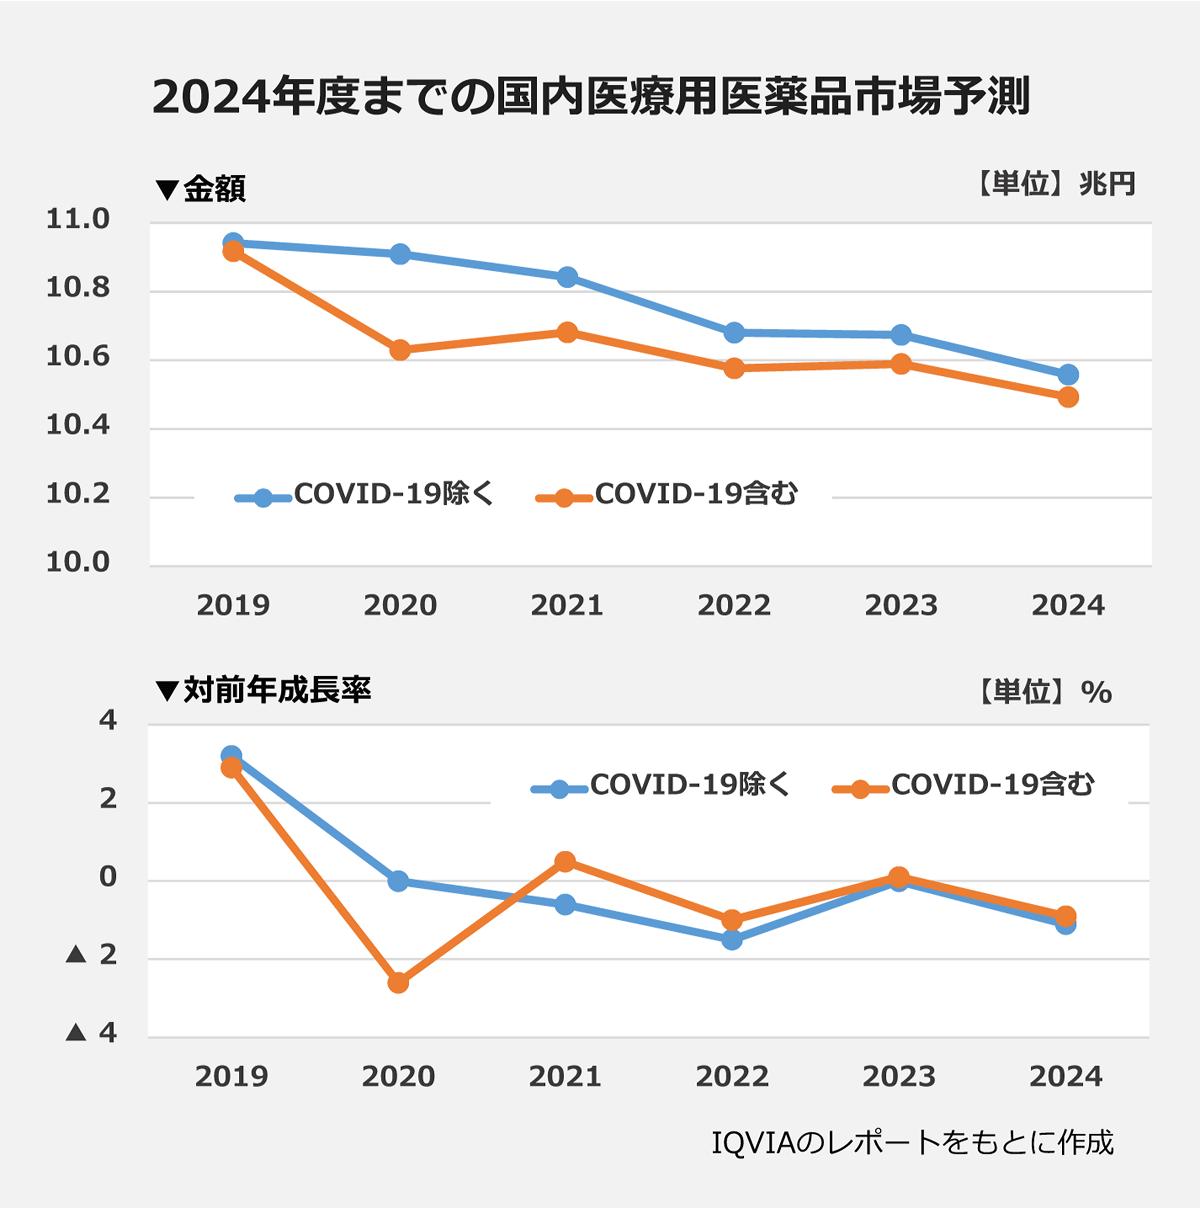 【2024年度までの国内医療用医薬品市場予測のグラフ】: <金額【単位:兆円】>COVID-19を除く・含むいずれも11.0~10.5あたりへ、2019~2024年の間で減少 <対戦年成長率【単位:%】>COVID-19を除く→2019~2022年まで約3%~約▲2%へ減少、2023年約0%、2024年約▲1% COVID-19を含む→2019年約3%、2020年約▲3%、2021年約1%、2022年約▲1%、2023年約0%、2024年約▲1%  ※IQVIAのレポートをもとに作成